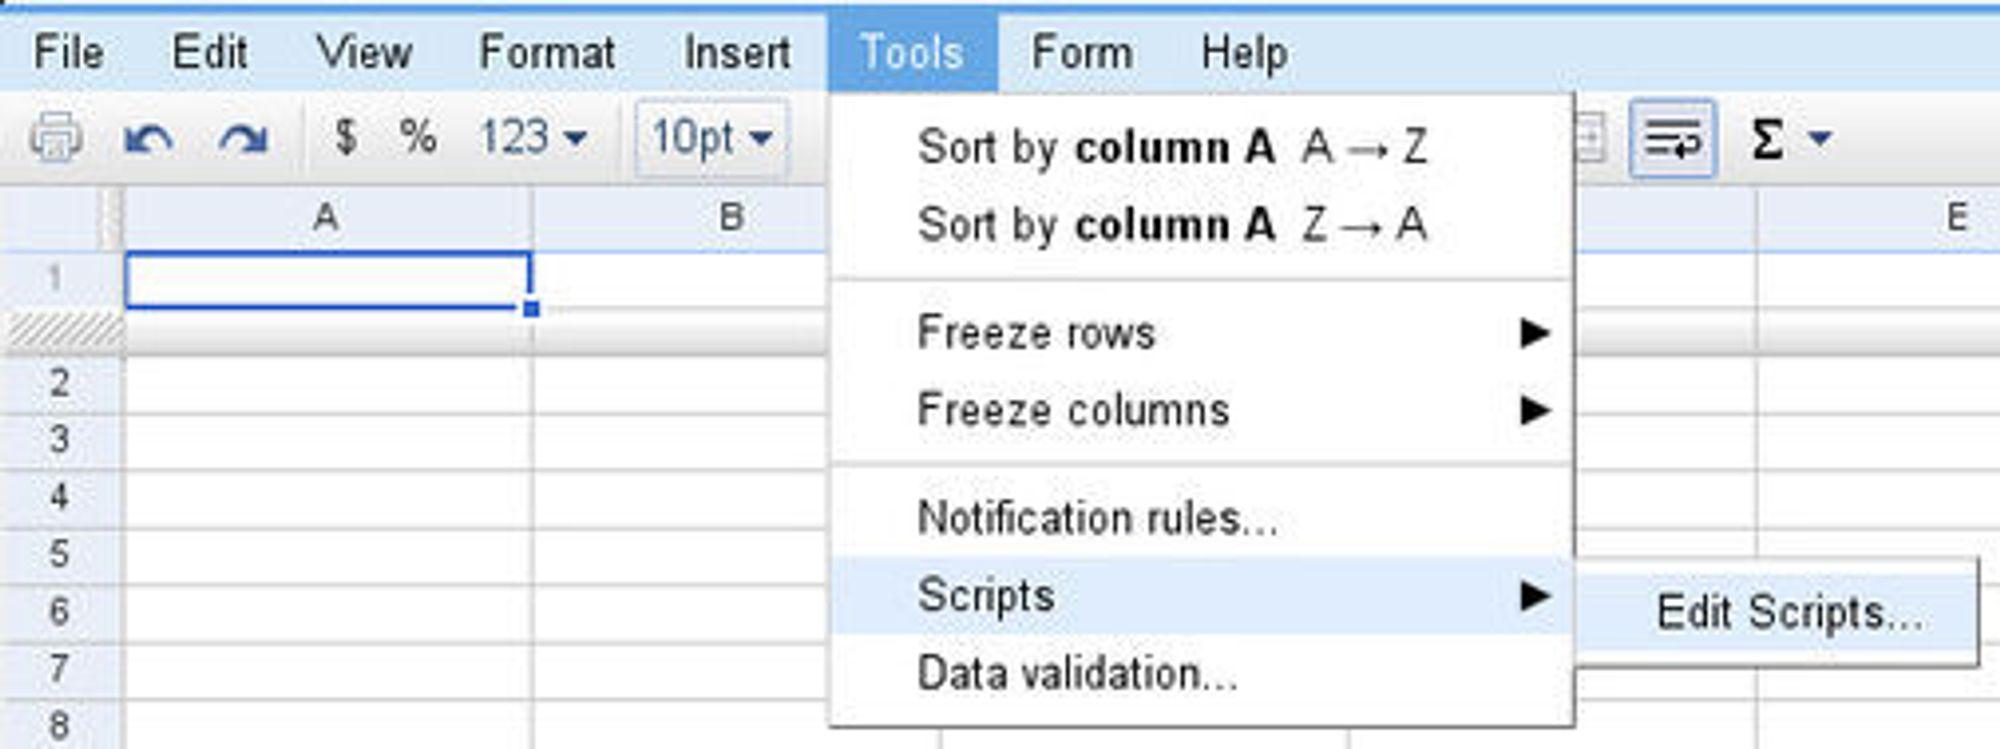 Skriptredigeringsverktøyet er tilgjengelig fra verktøymenyen i regnearkdelen av Google Apps.